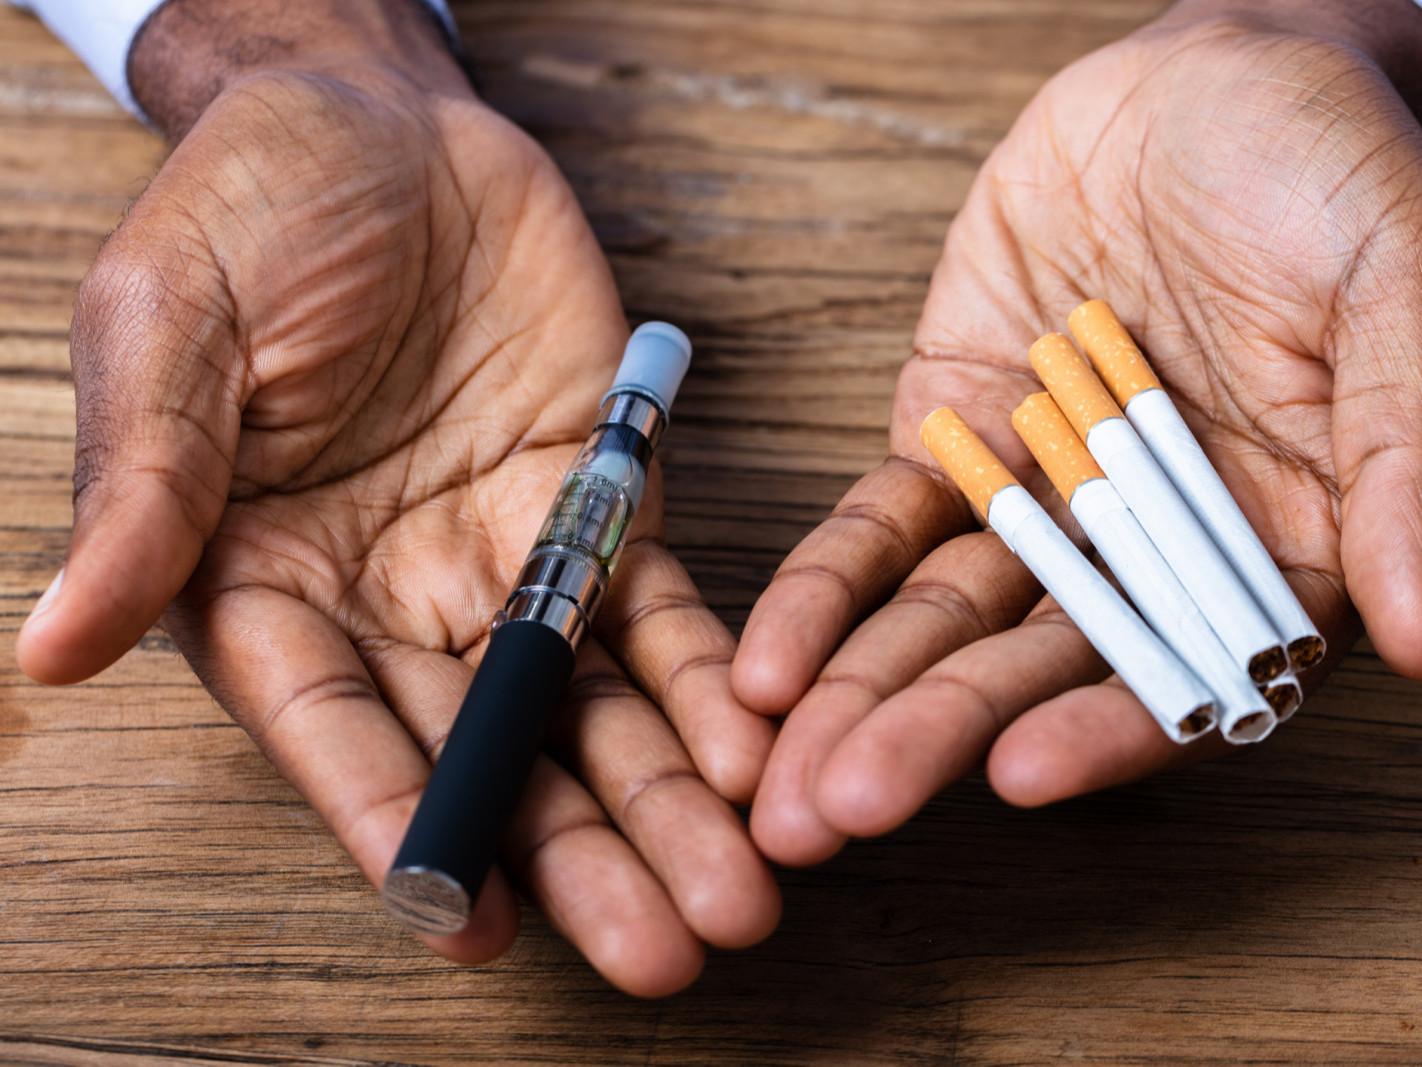 Тамхи татдаг хүмүүс коронавирусийн халдвар авах магадлал 7 дахин их байгааг тогтоожээ